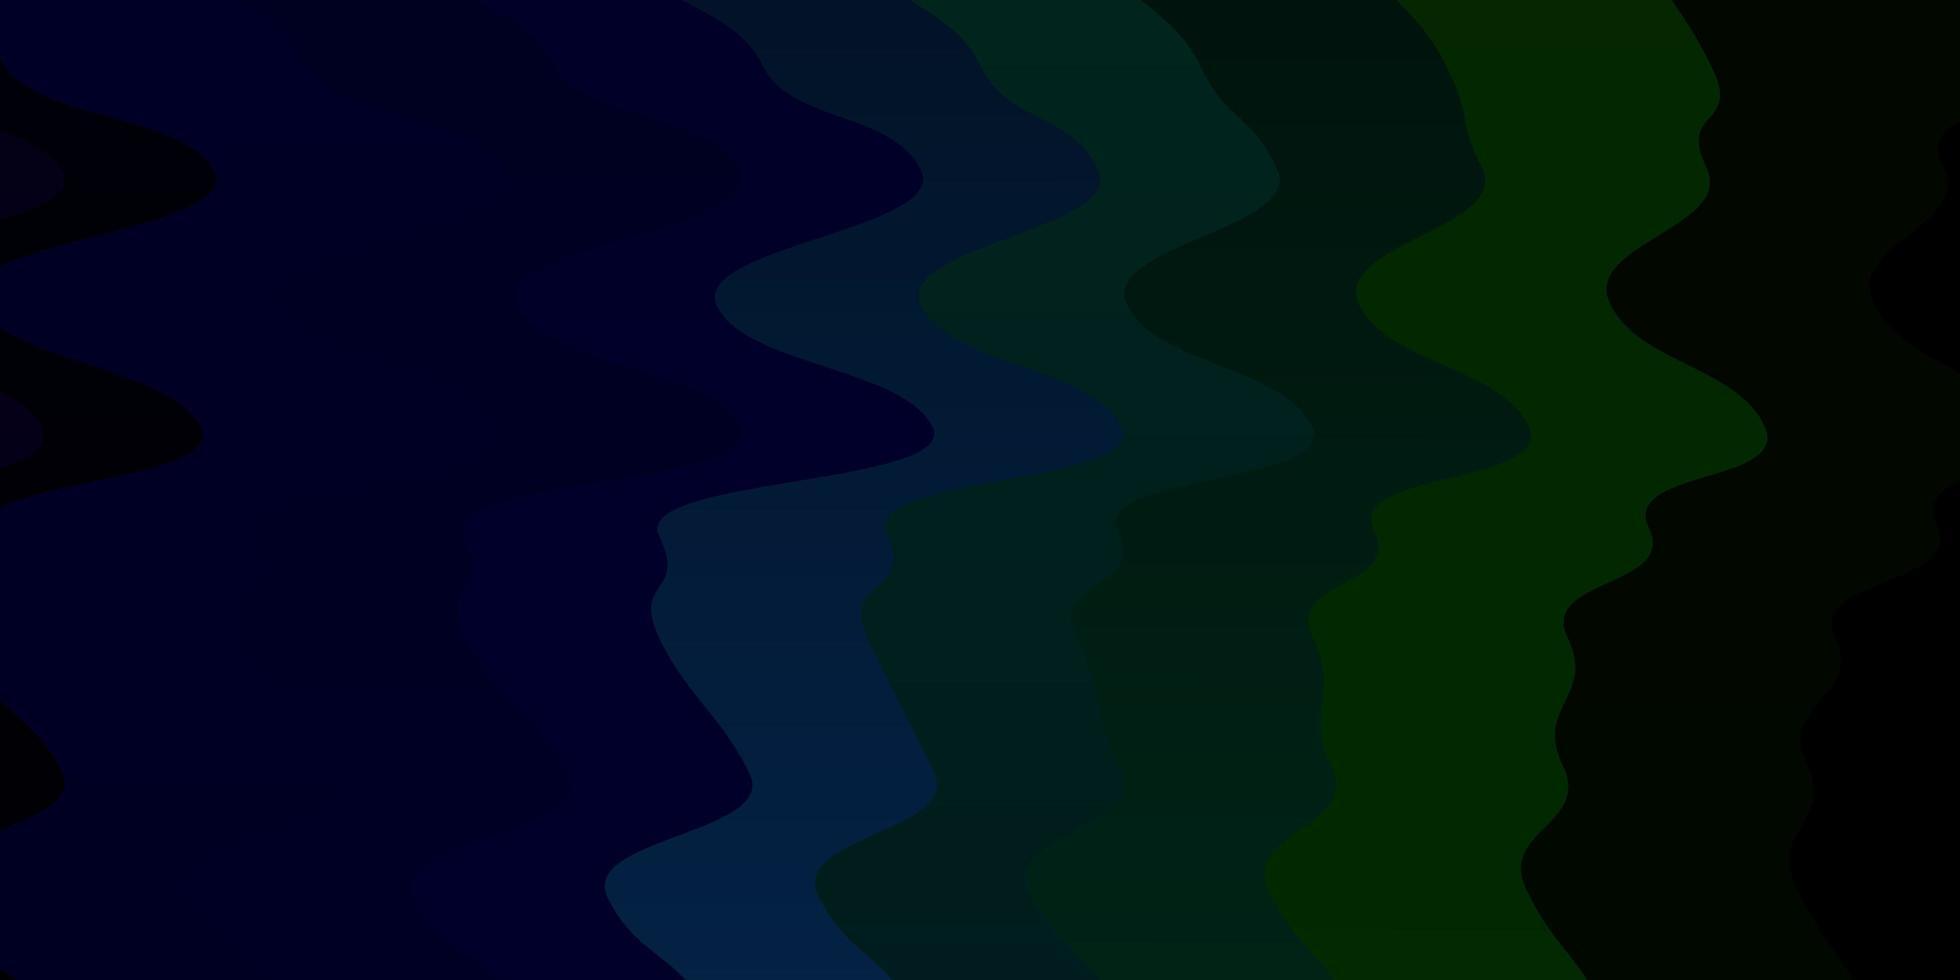 donkerblauw, groen vectorpatroon met gebogen lijnen. vector